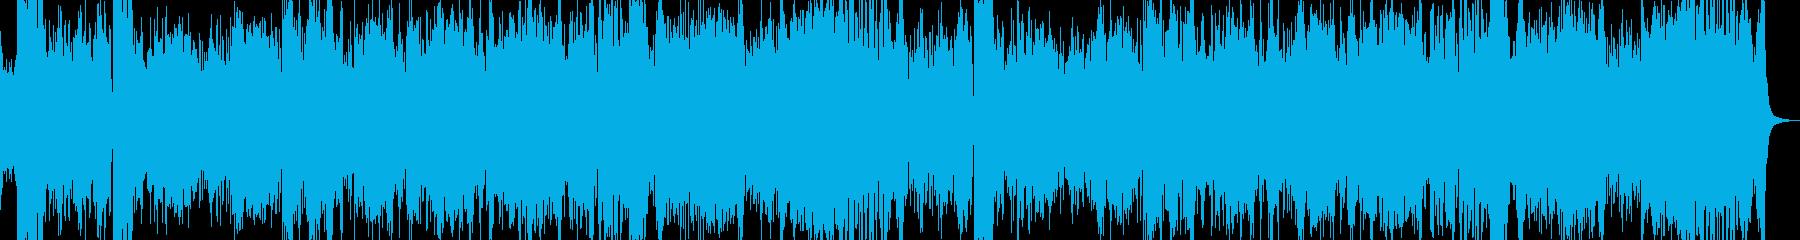 派手な剣舞曲の再生済みの波形